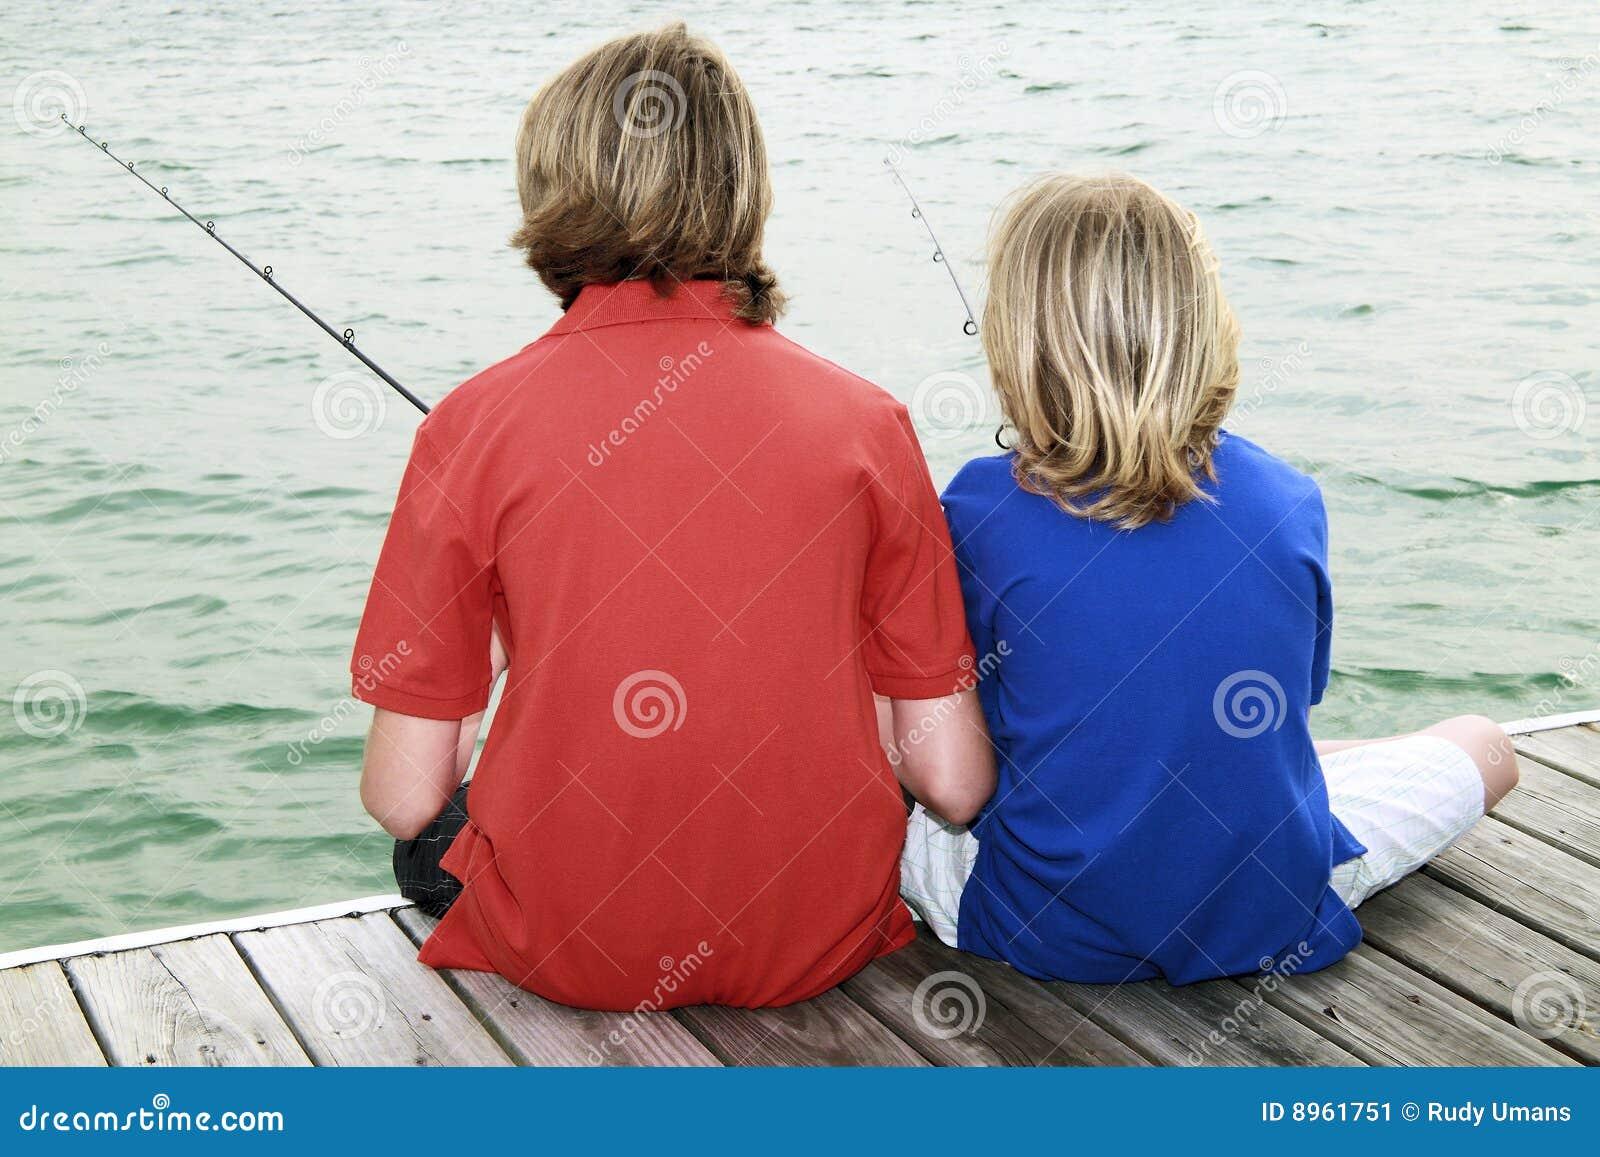 Boys Fishing 3